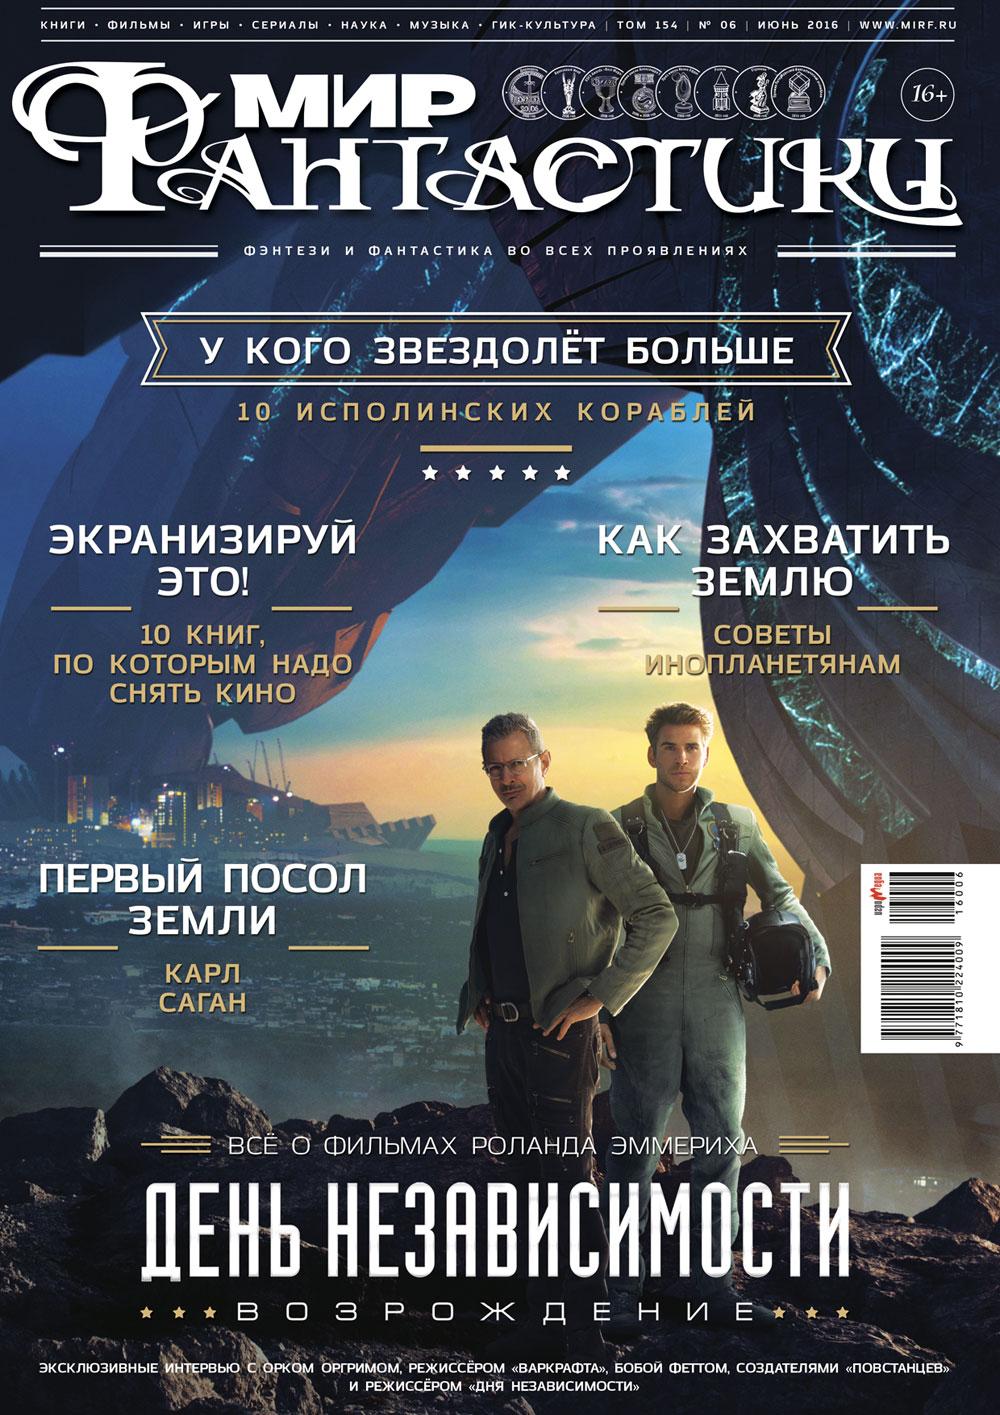 Мир фантастики №154 (Июнь 2016)